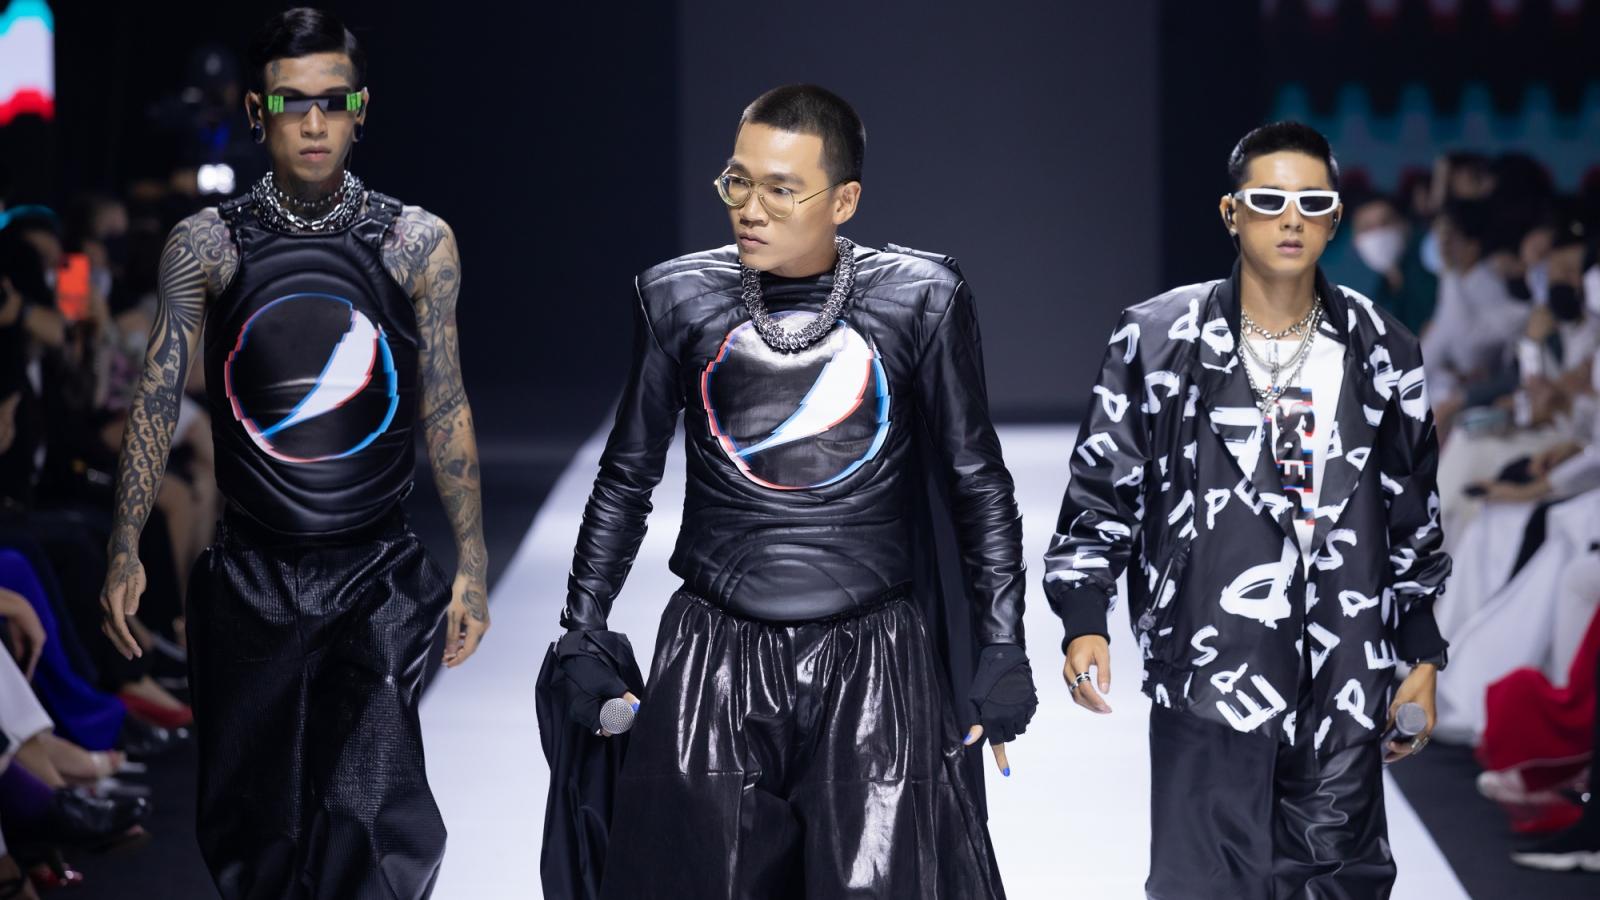 Wowy, Dế Choắt và Lăng LD làm bùng nổ sàn catwalk khi diễn thời trang